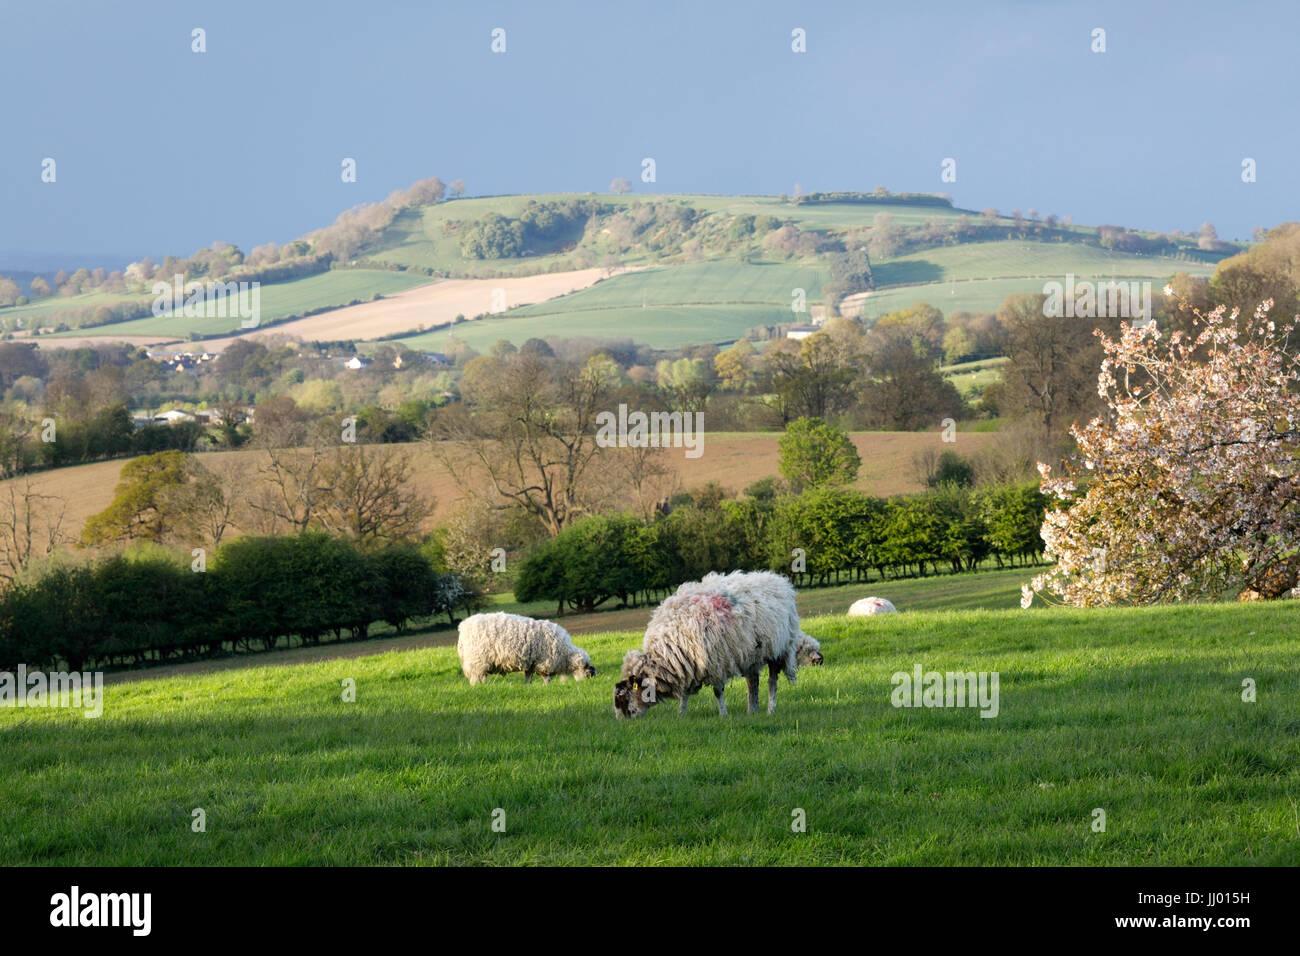 Avis de Meon Hill avec des moutons et des fleurs blanches au printemps, Mickleton, Cotswolds, Gloucestershire, Angleterre, Photo Stock